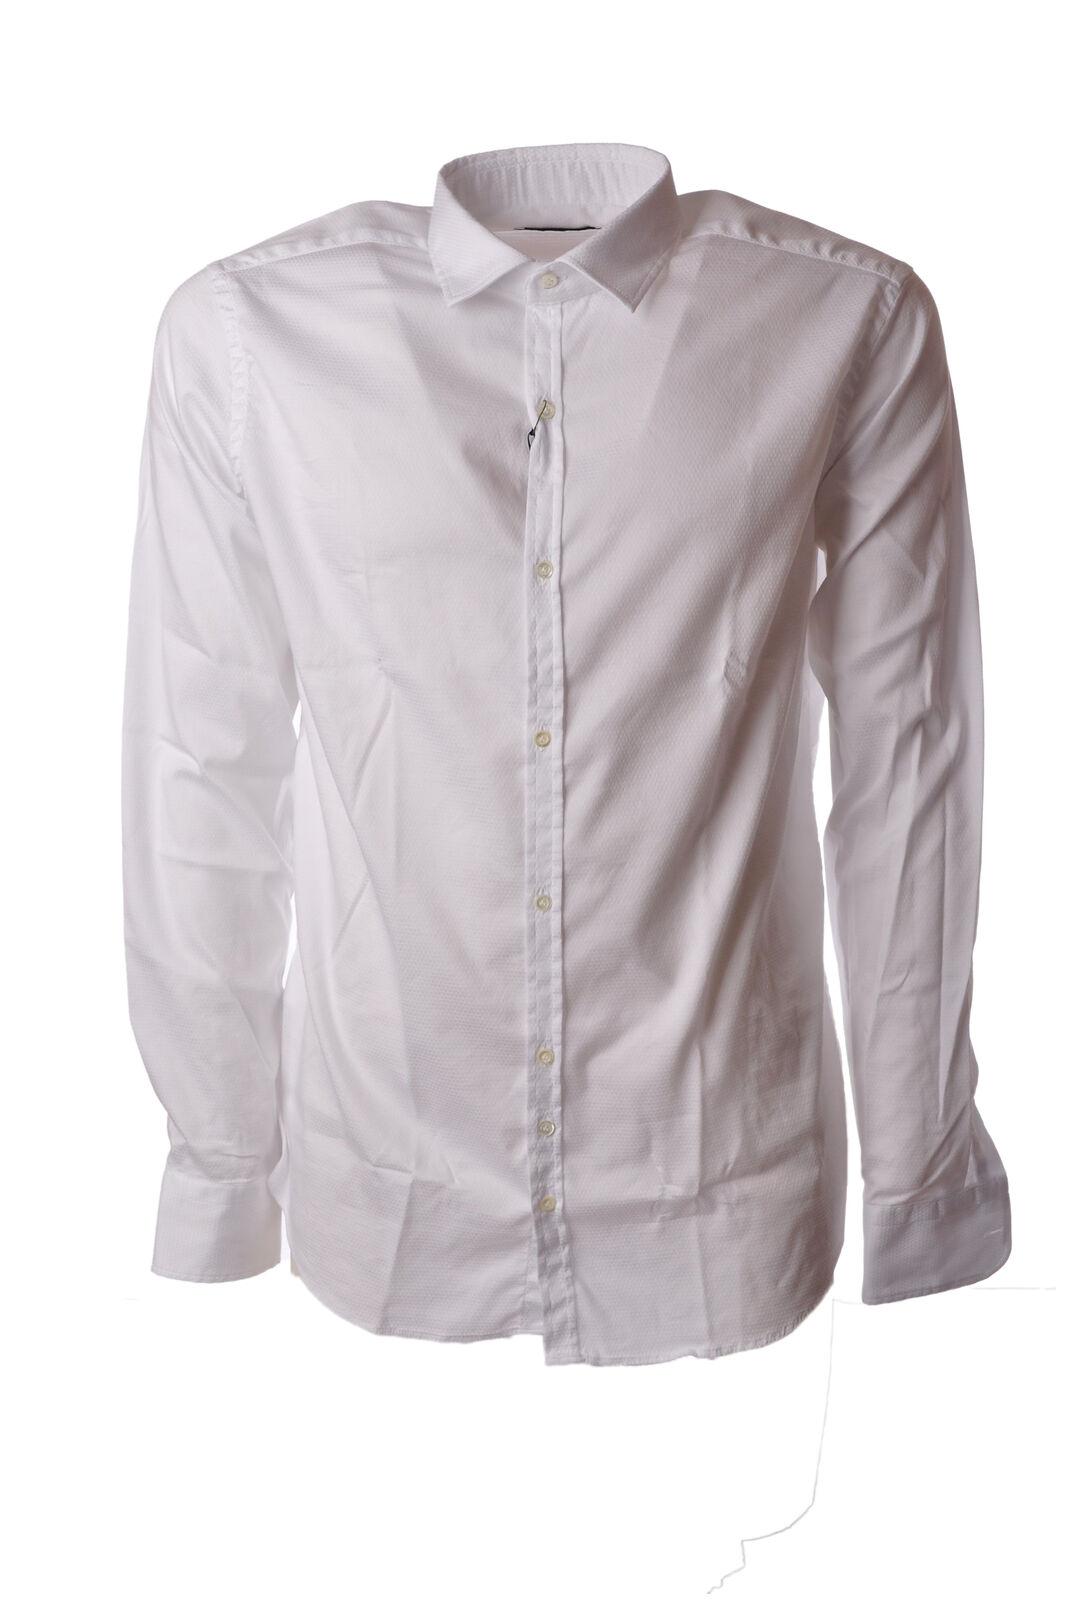 Aglini - Camicie-Camicia - Uomo - Bianco - 5047620F184500